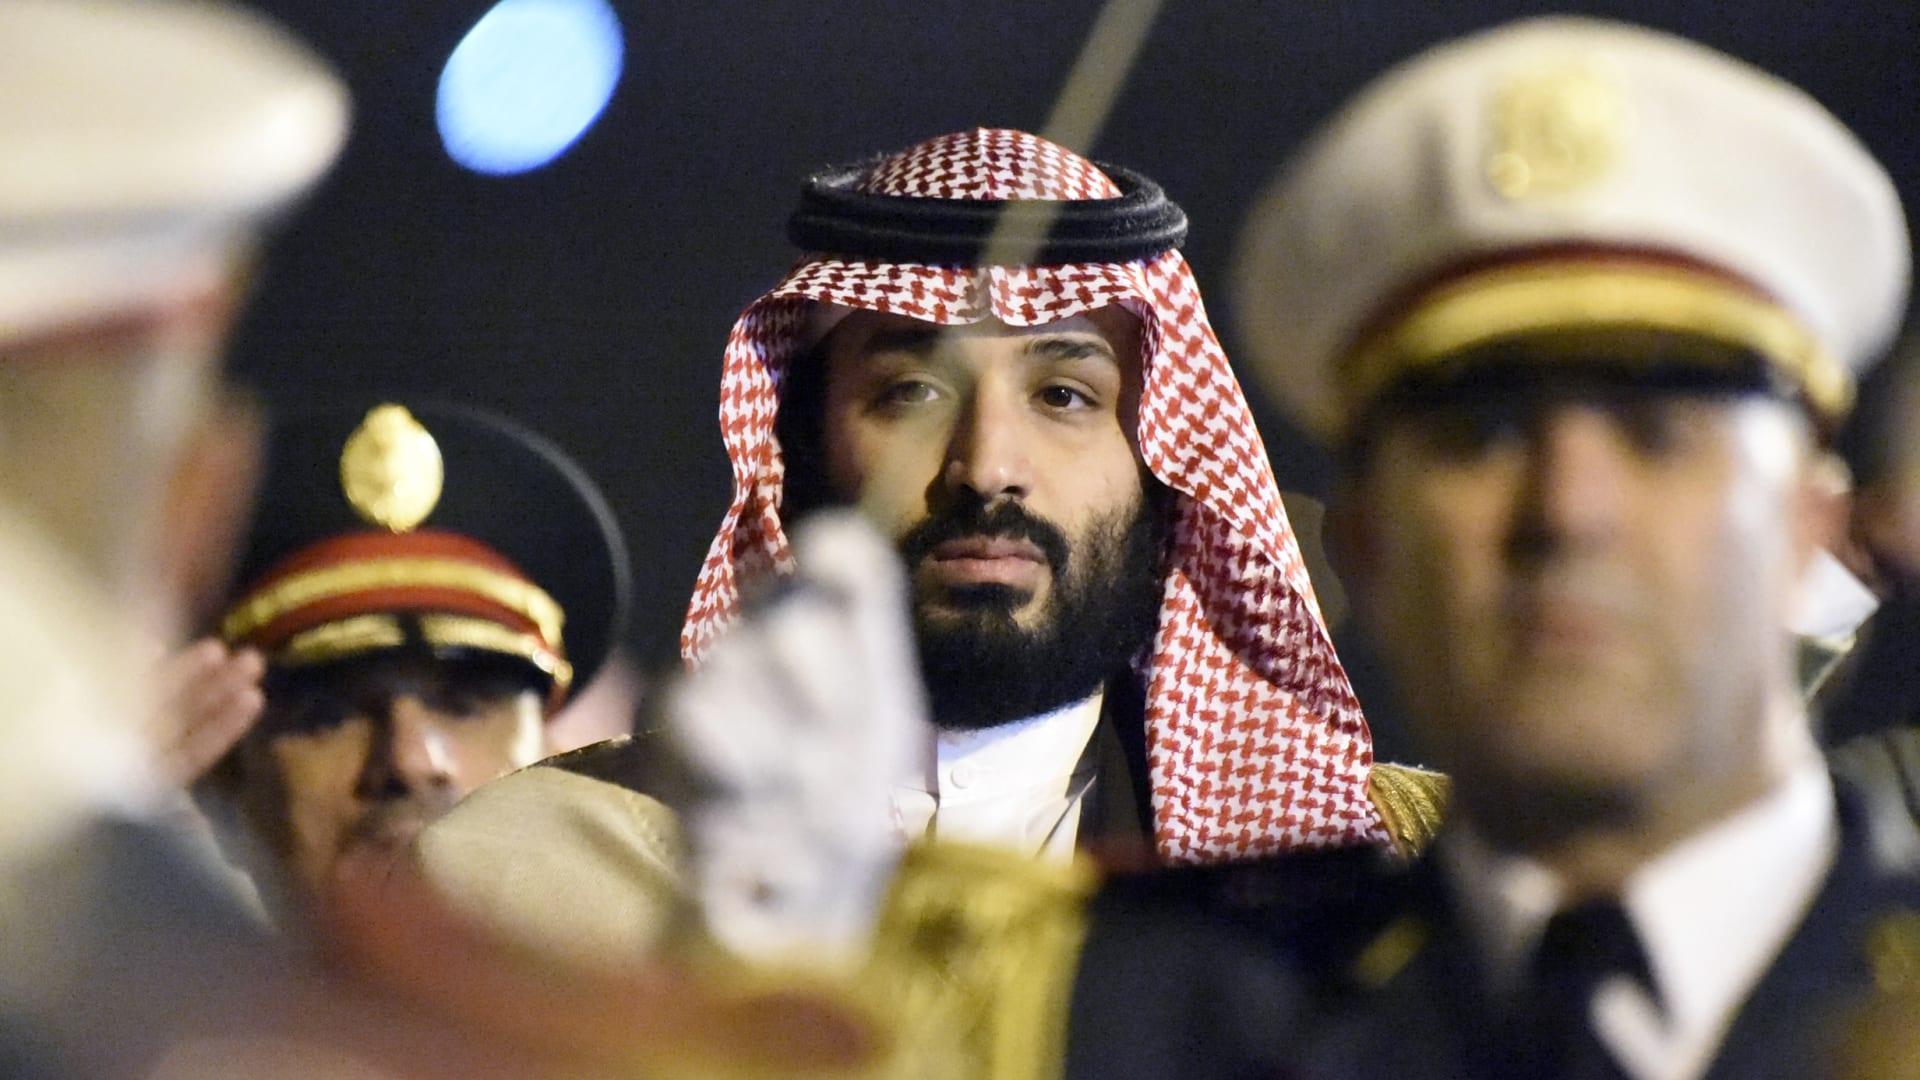 وصف محمد بن سلمان لخامنئي يبرز بعد حديث الأخير عما تُنعت به السعودية